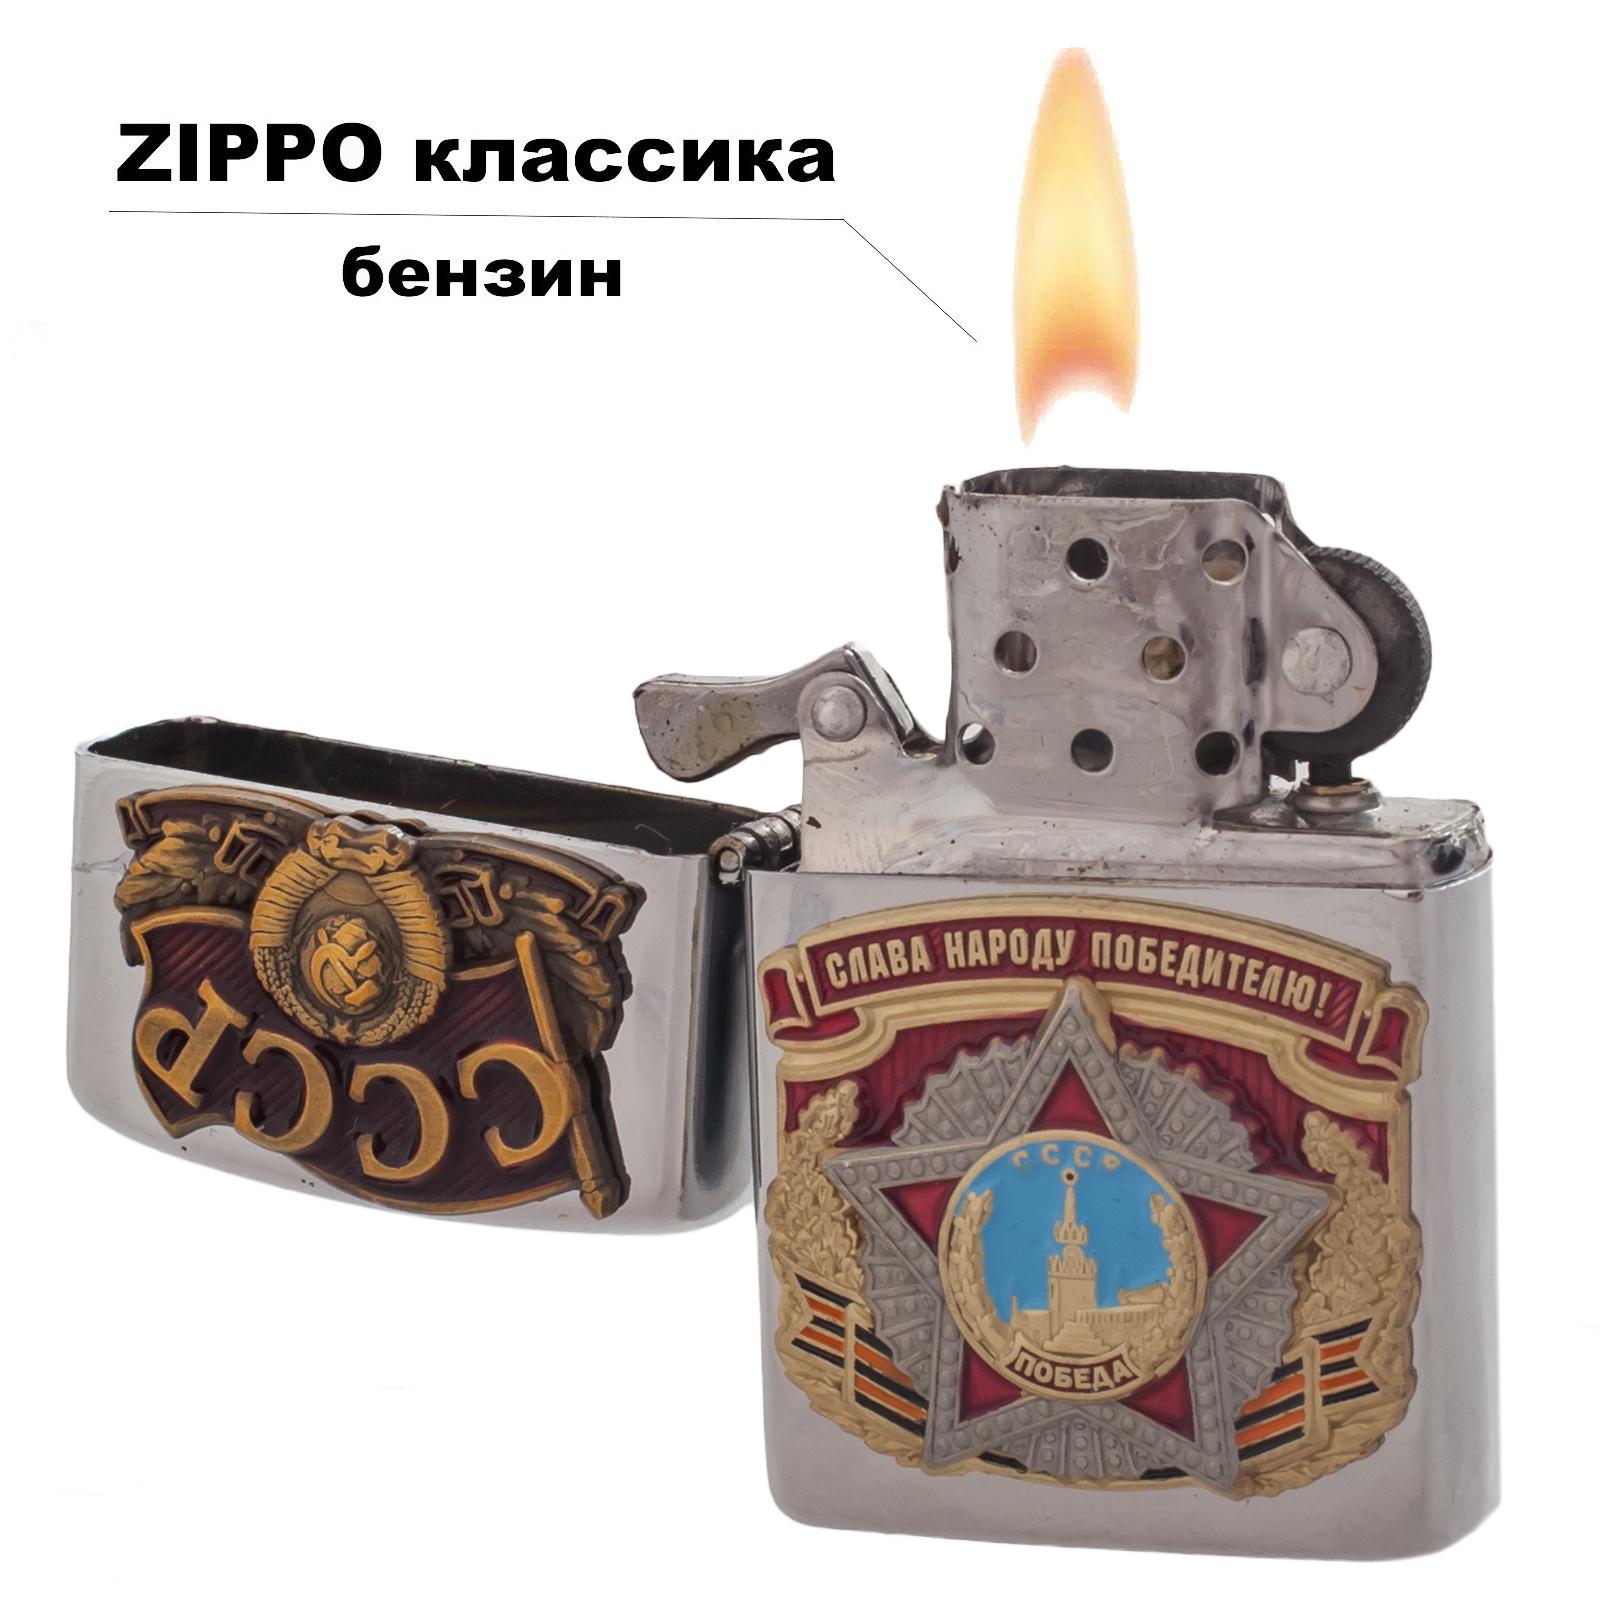 """Купить подарочную бензиновую зажигалку """"Слава народу победителю!"""" с доставкой"""